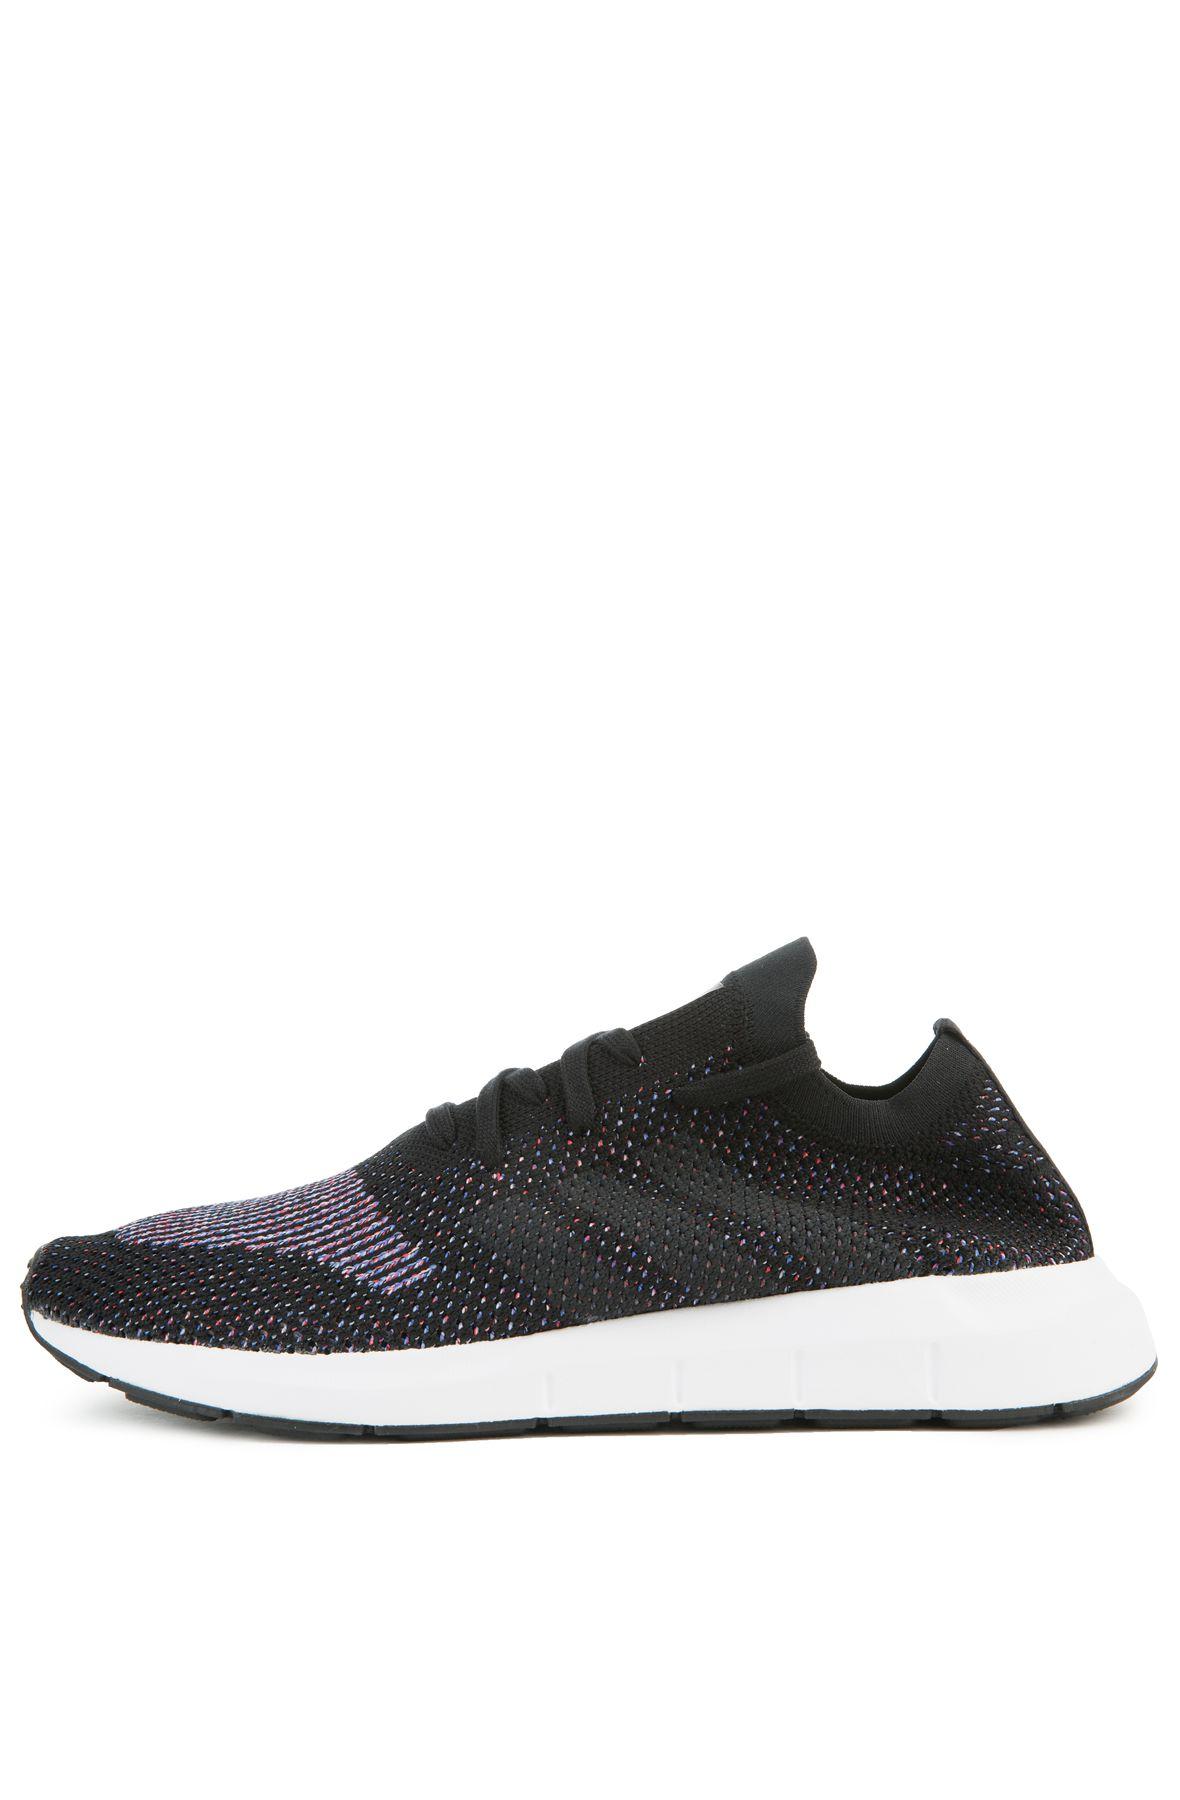 5d058b99a Adidas Sneakers Swift Run Pk Black Grey